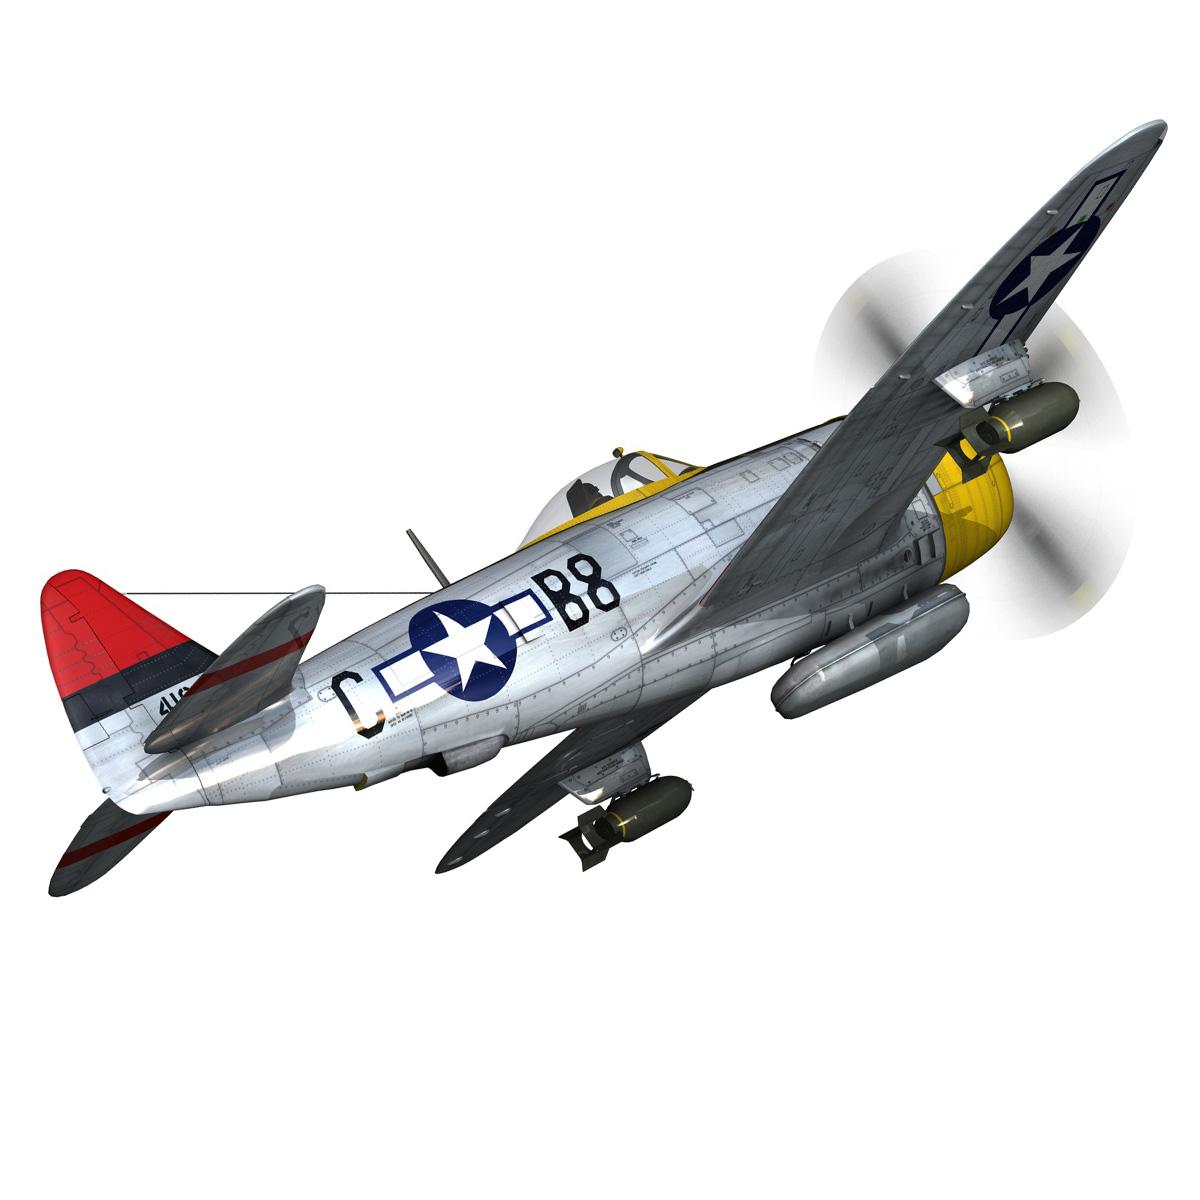 republic p-47d thunderbolt – chief seattle 3d model fbx c4d lwo obj 268206